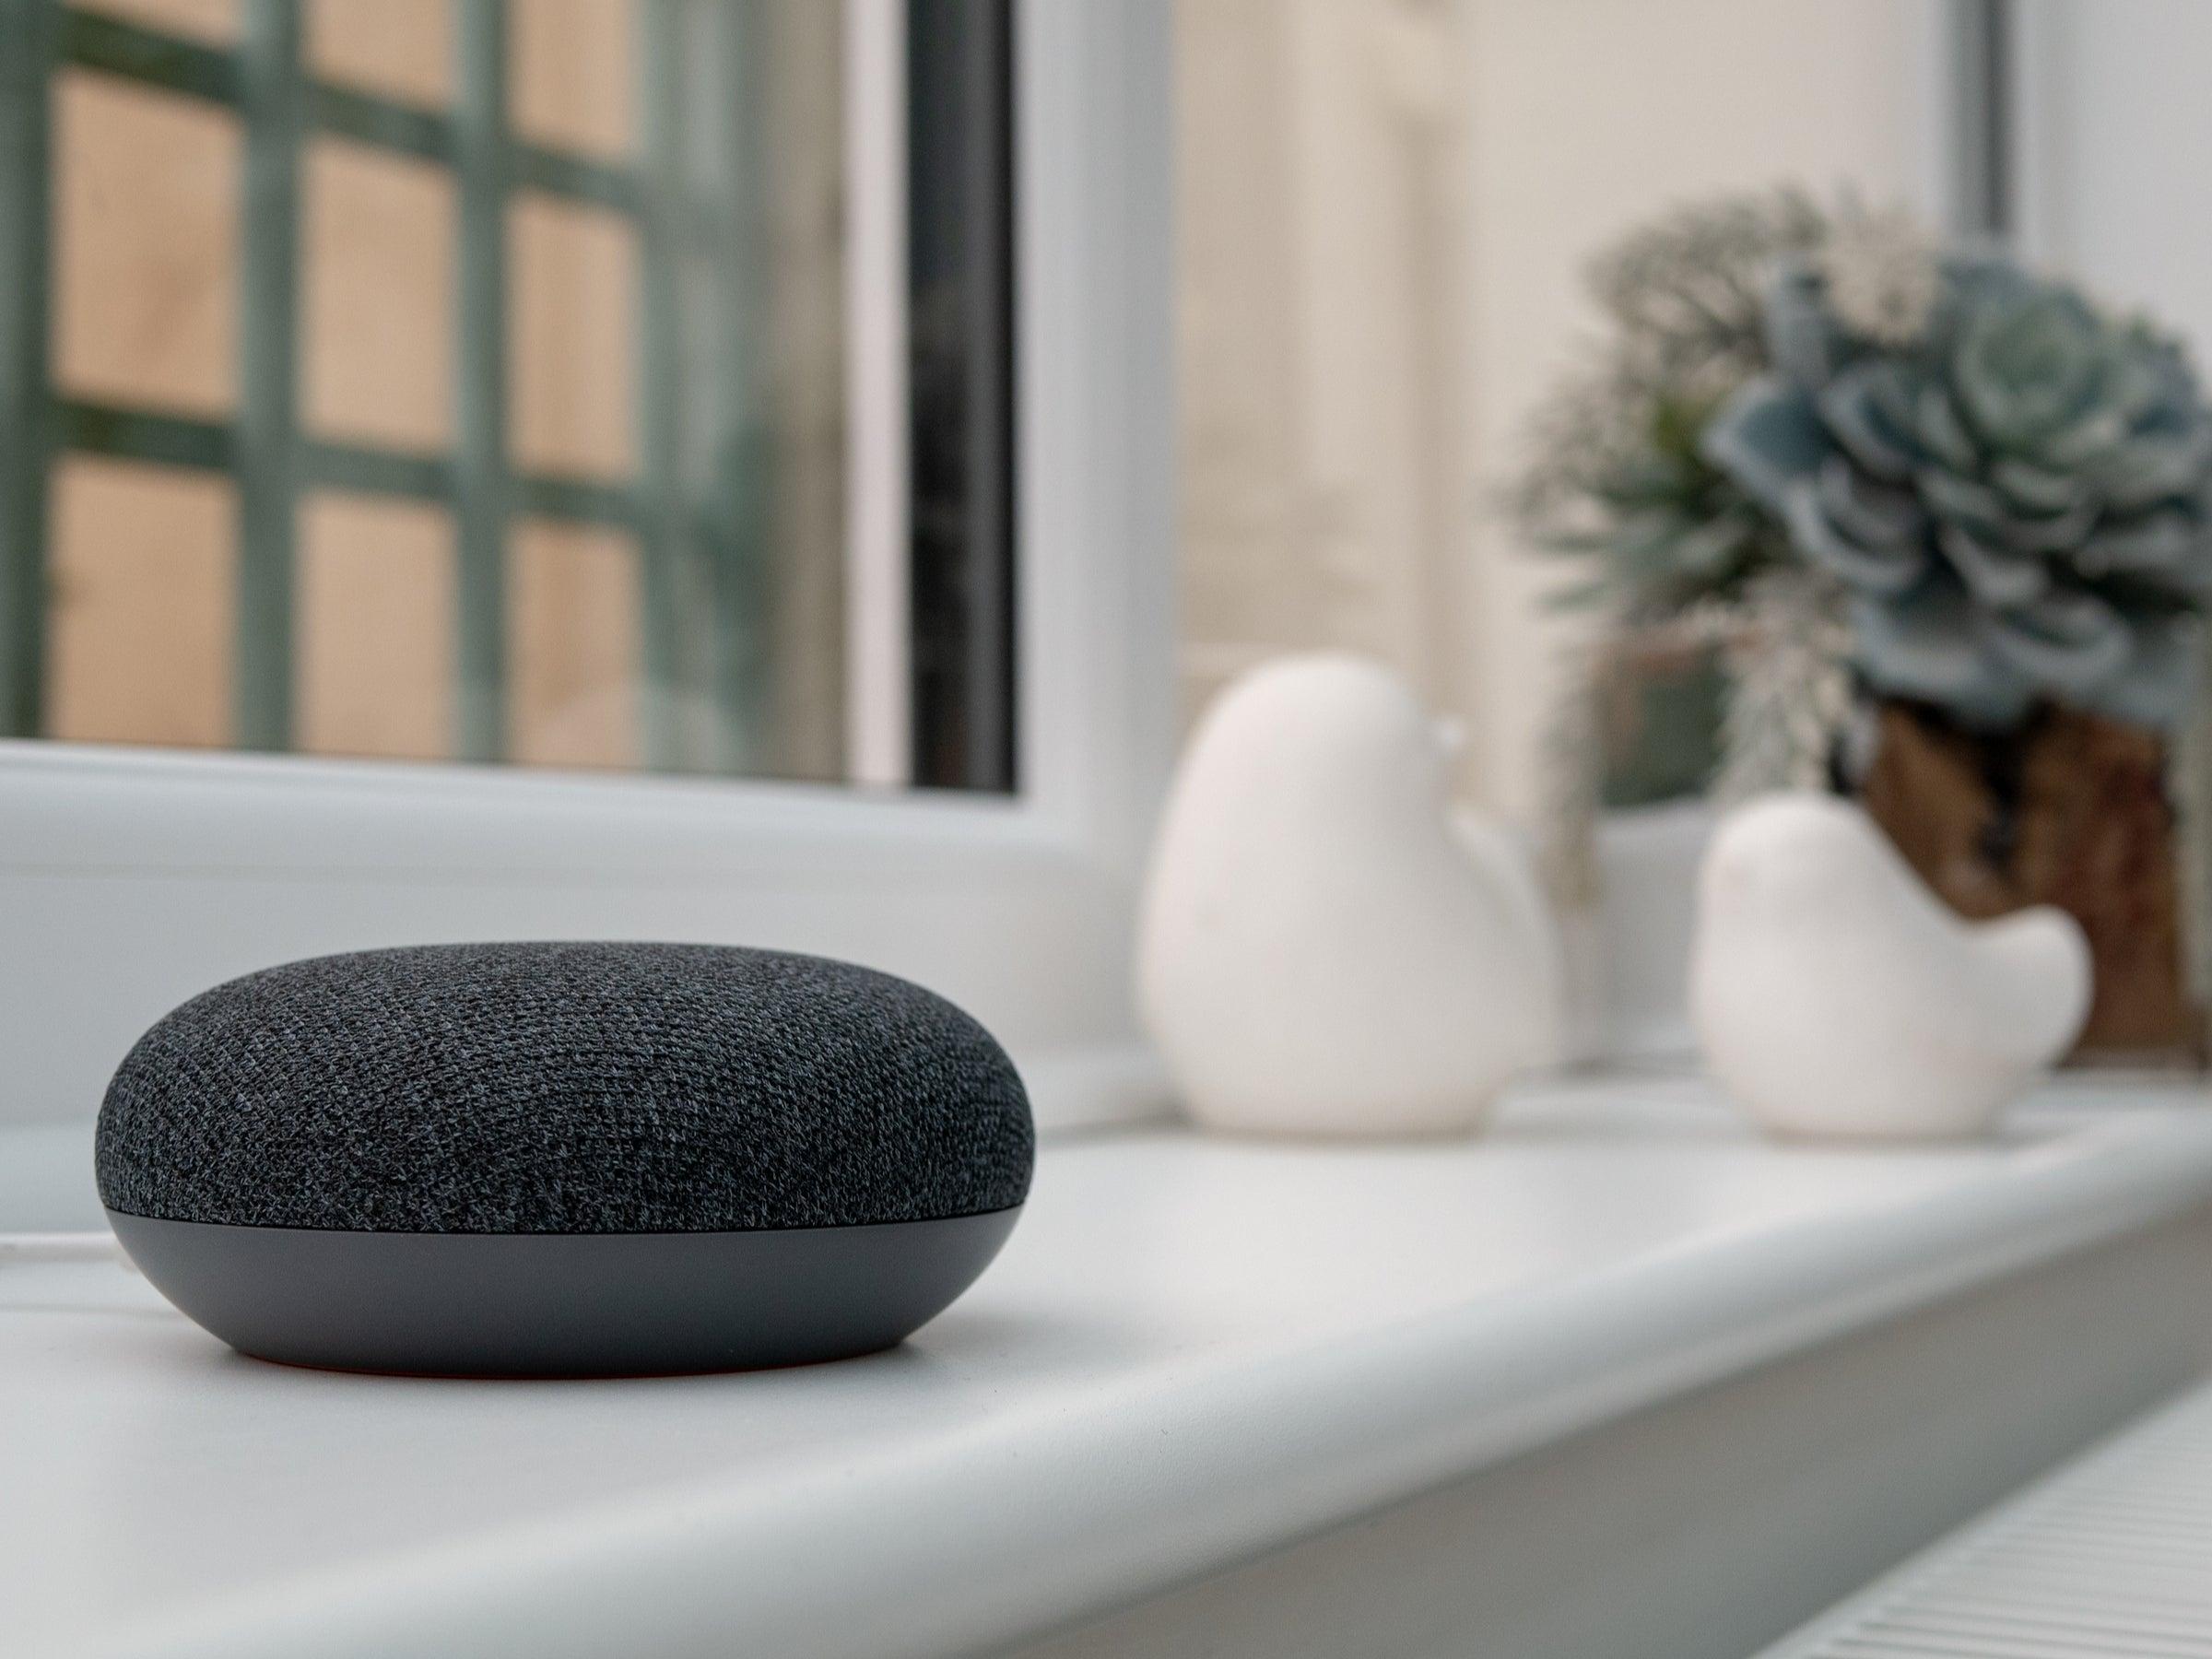 Google Week bei Media Markt: Smarte Home zum Sparpreis